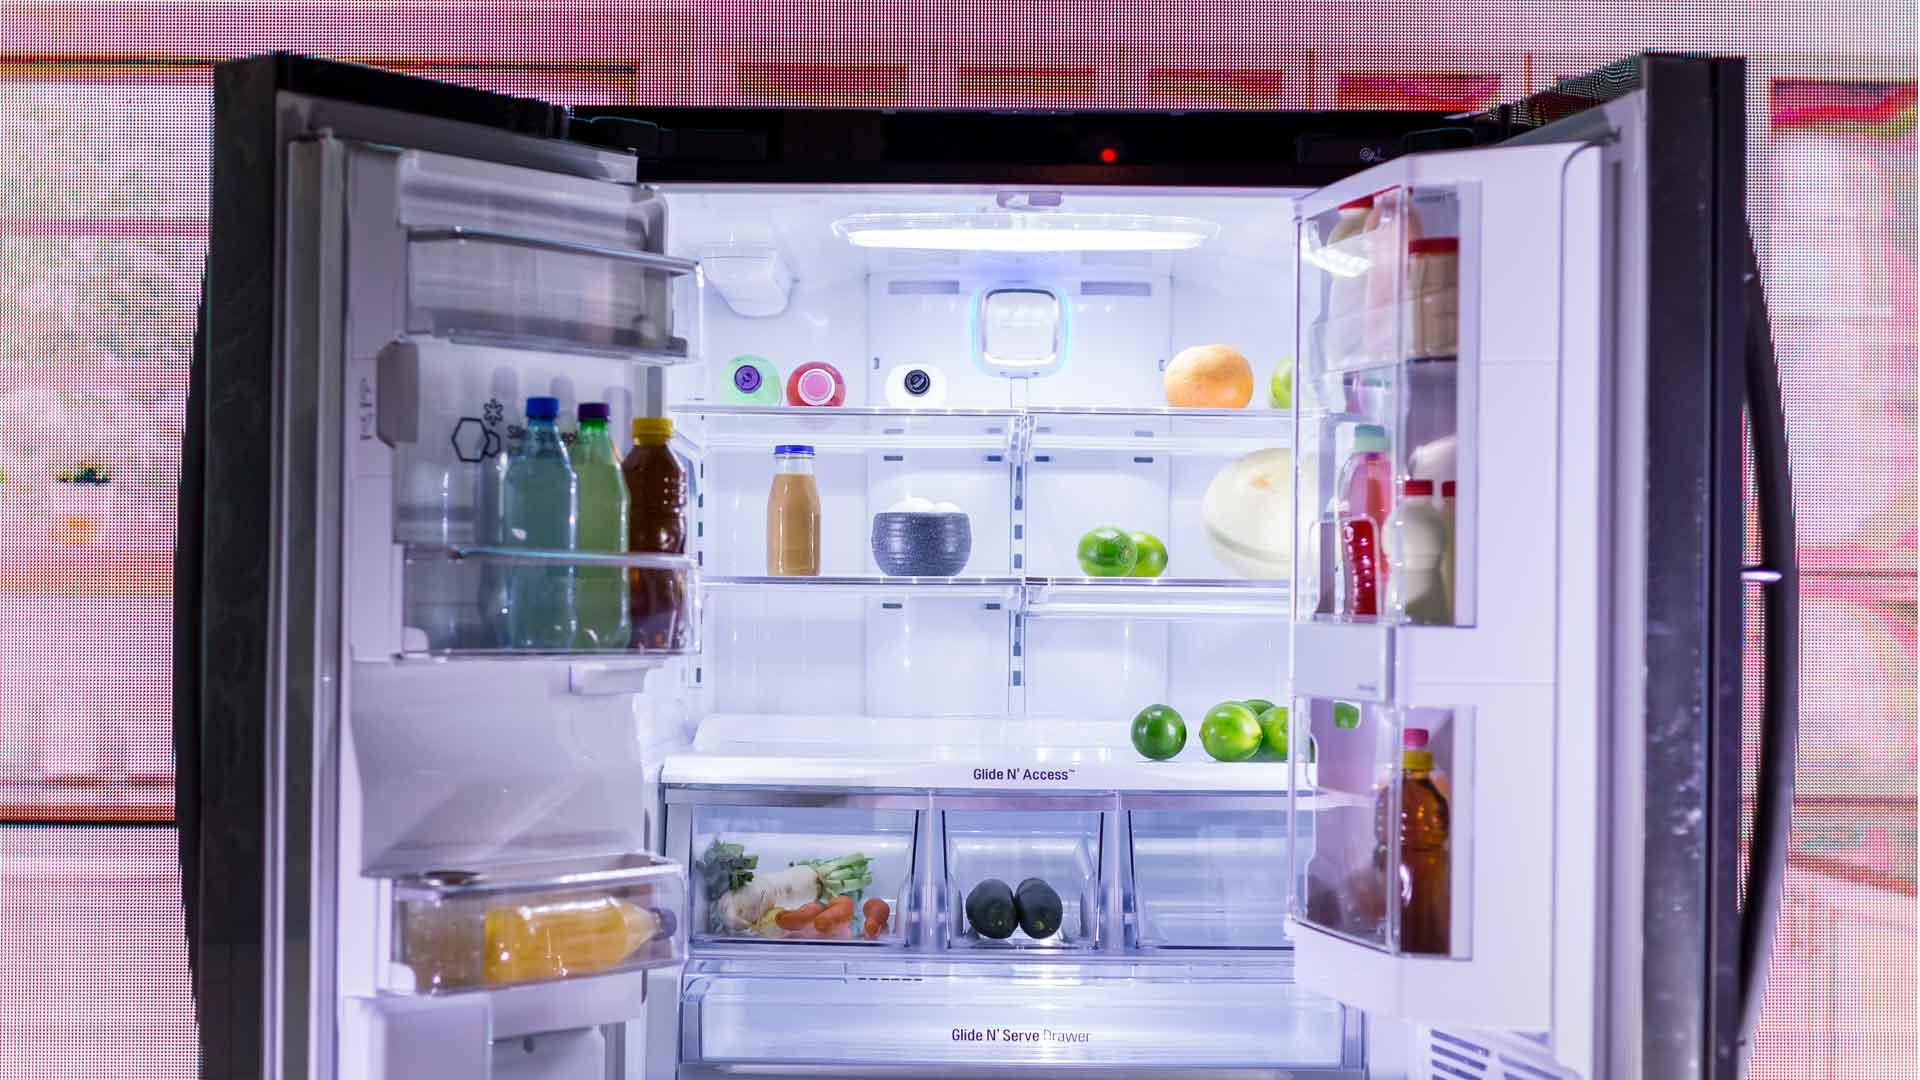 Refrigeradores LG: cada vez más inteligentes